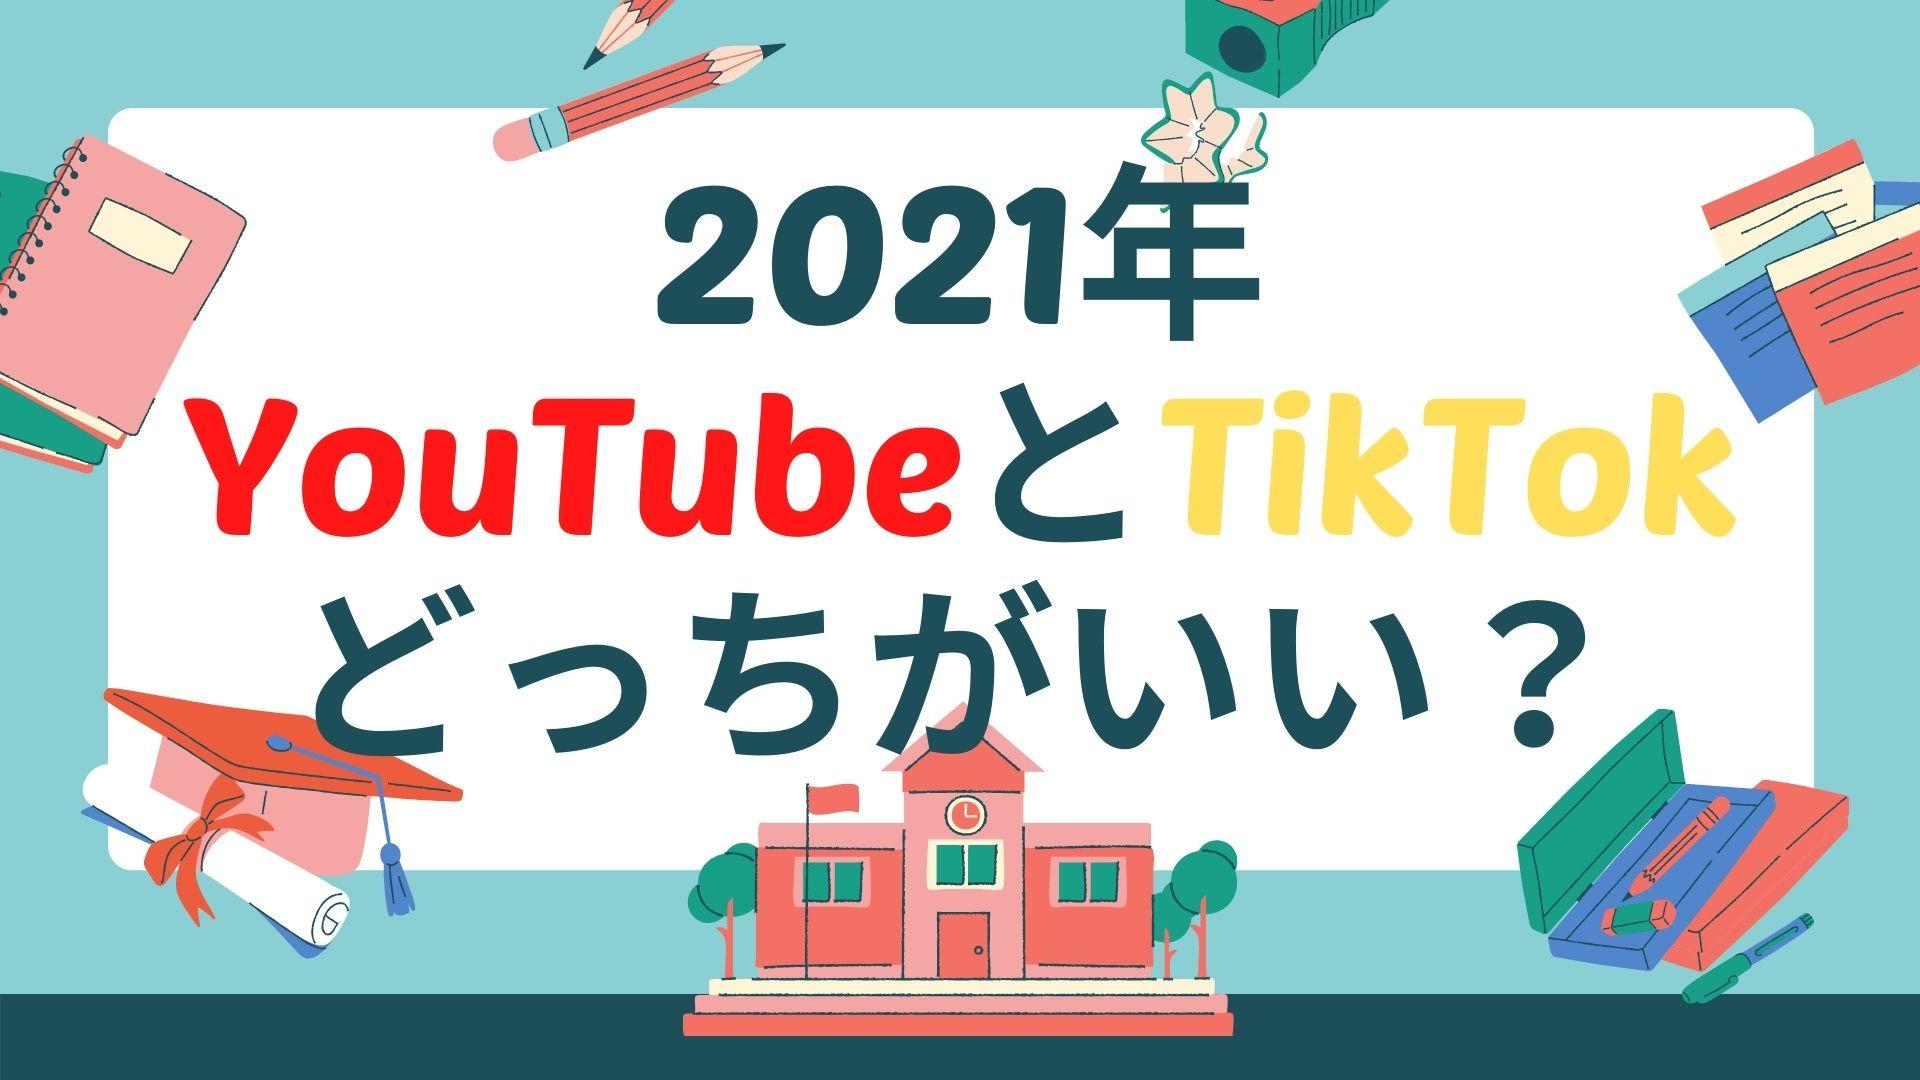 2021年YouTubeとTikTok始めるならどっちがいい?